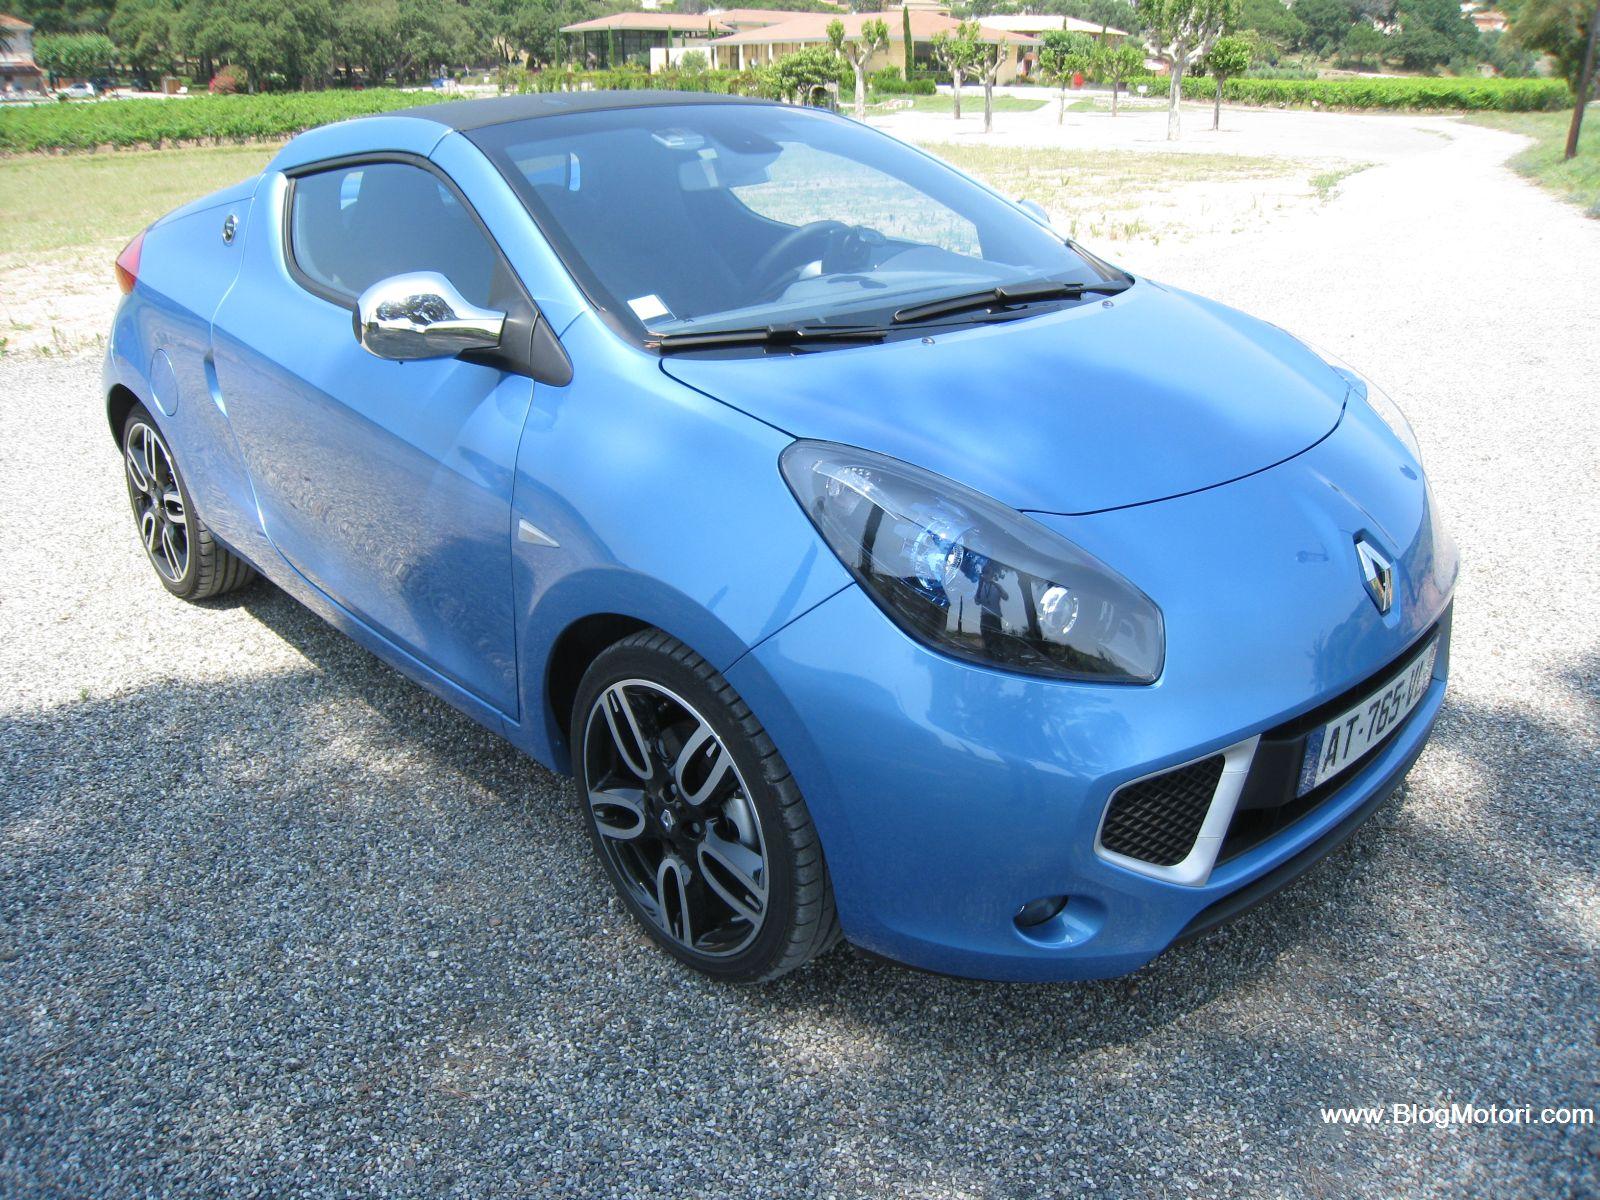 Concorso Renault Wind: in palio la n° 1 della Limited Edition Wind Collection